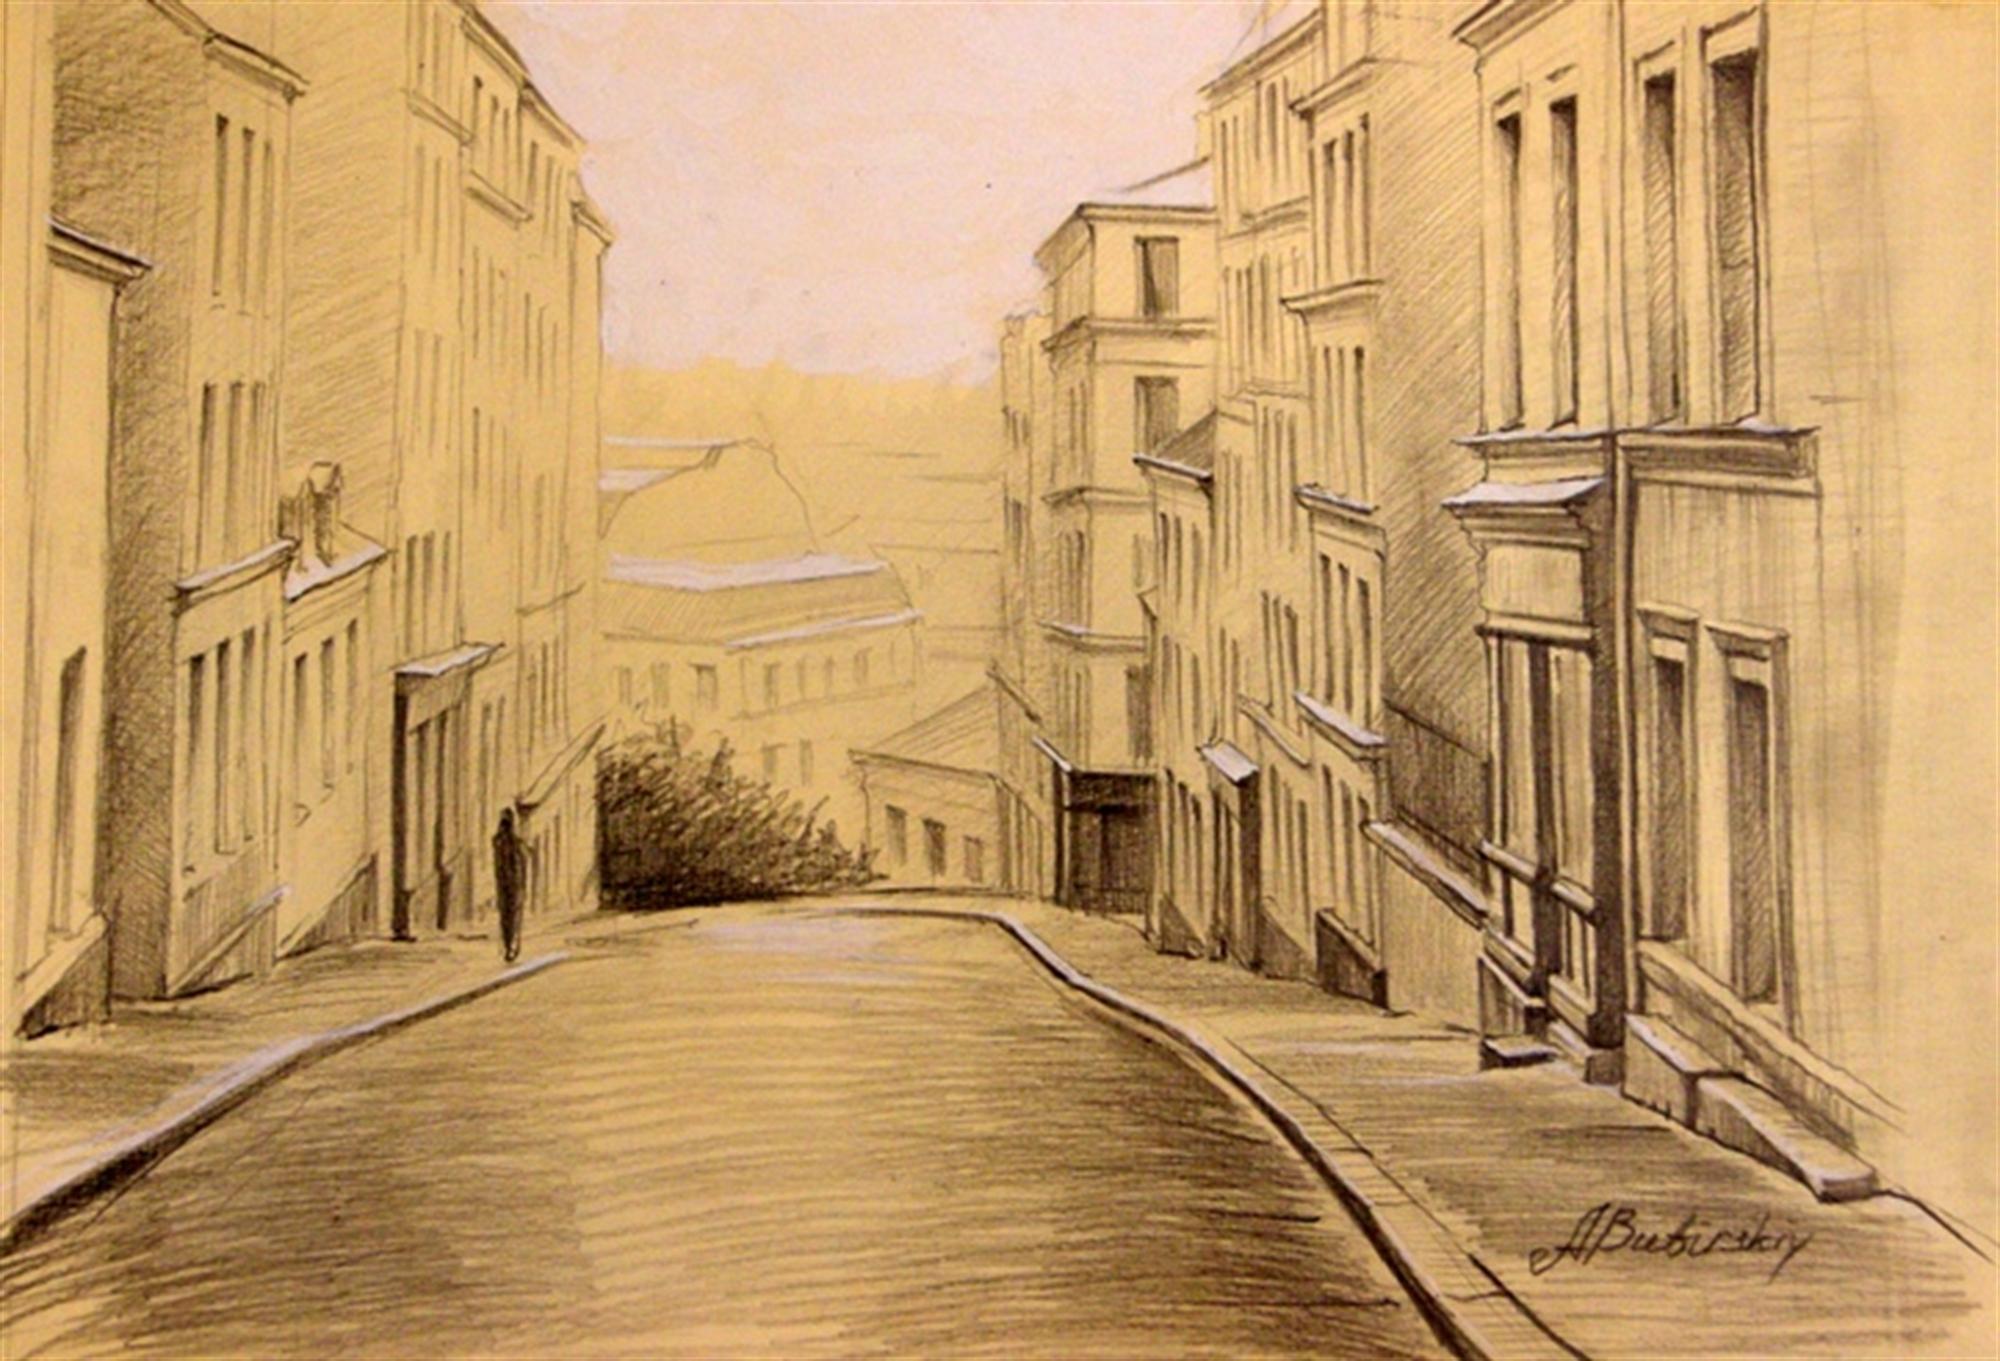 Crest of Montmartre by Alexei Butirskiy